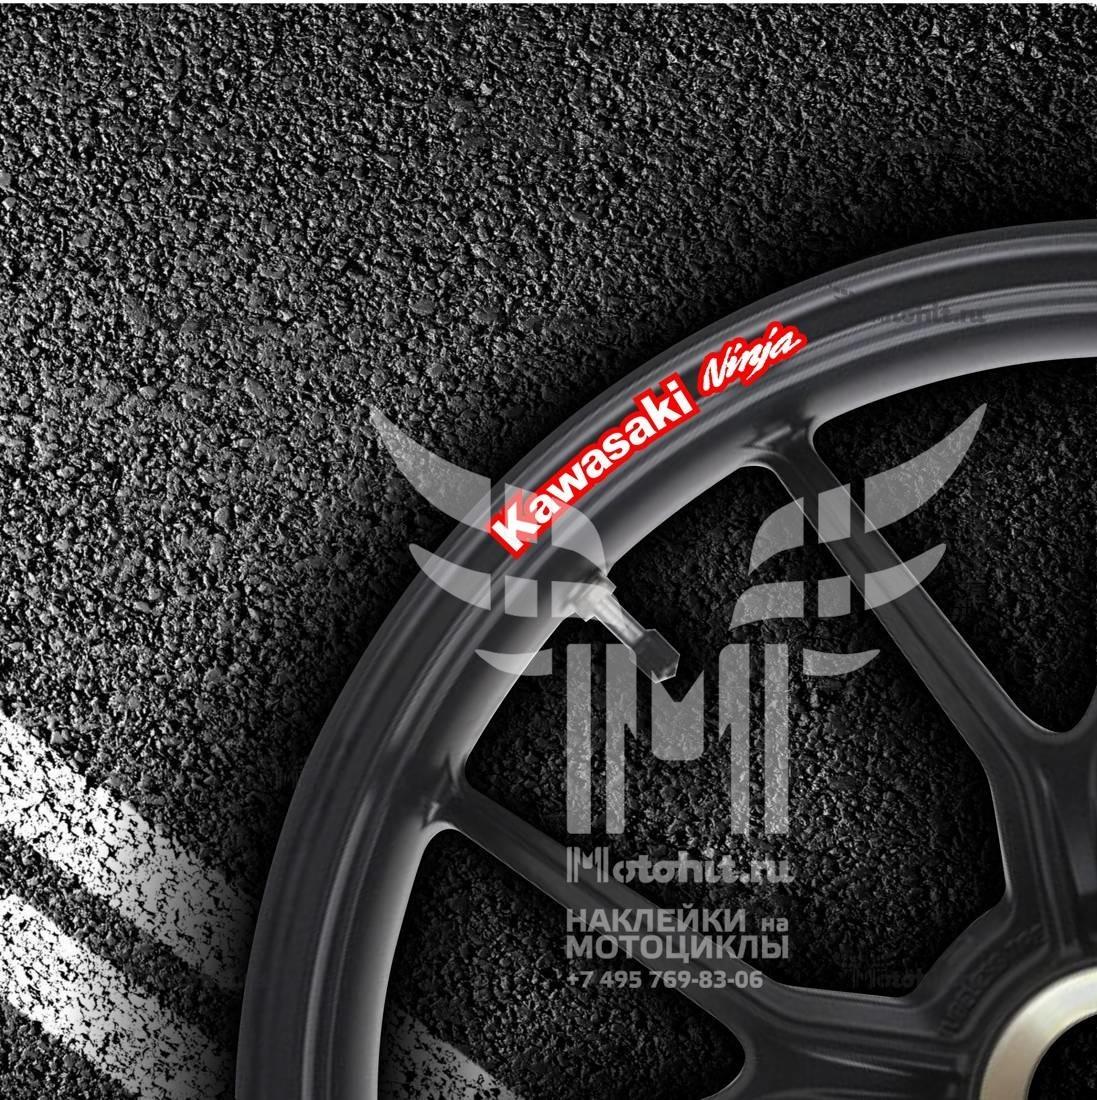 Комплект наклеек на обод колеса мотоцикла KAWASAKI NINJA